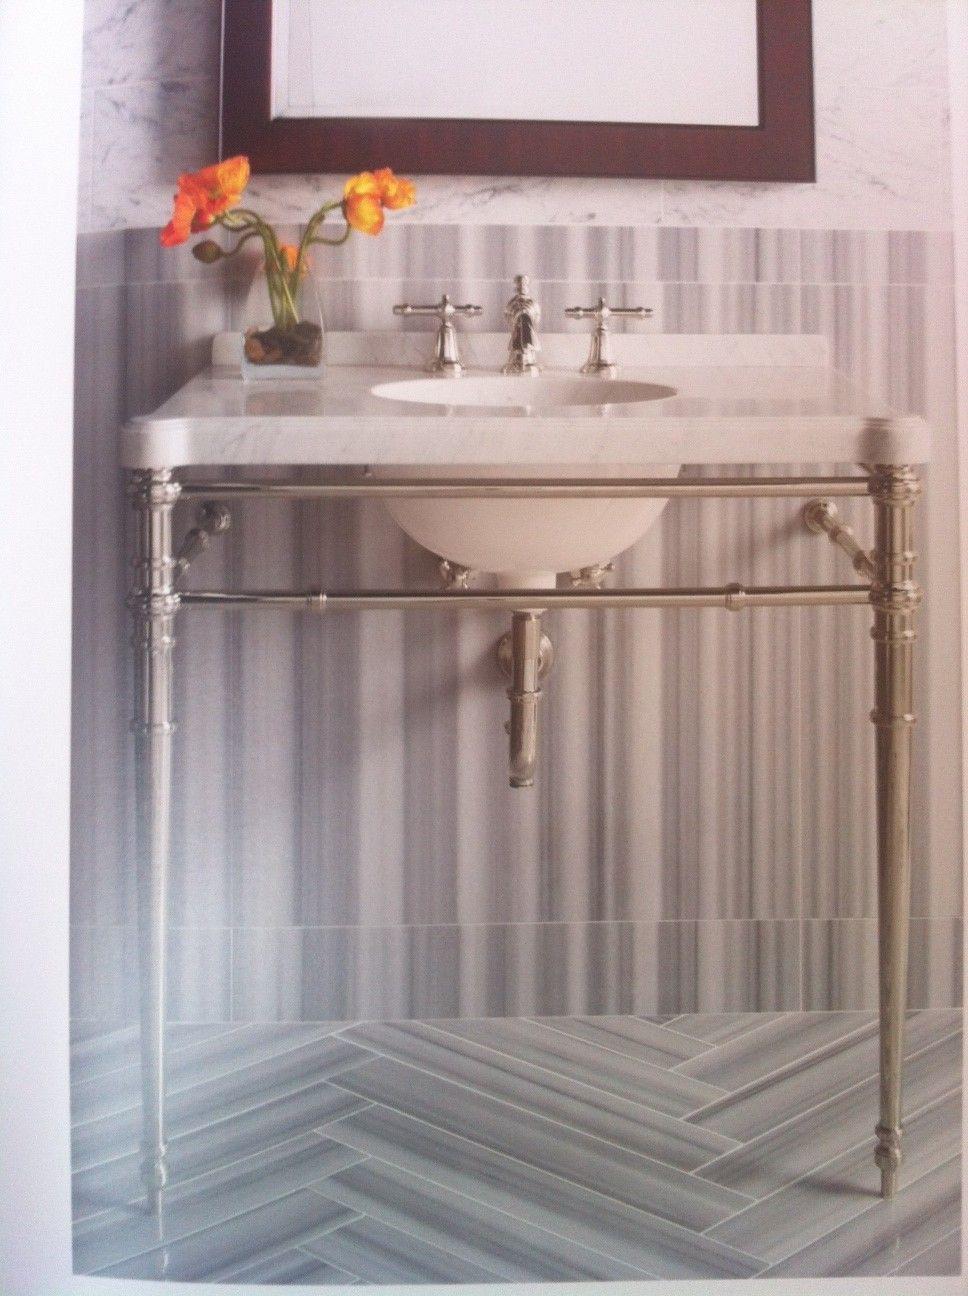 Vanity Unit - Traditional - Kallista | 52 Harley St | Pinterest ... Badezimmer Graue Und Mediterrane Fliesen